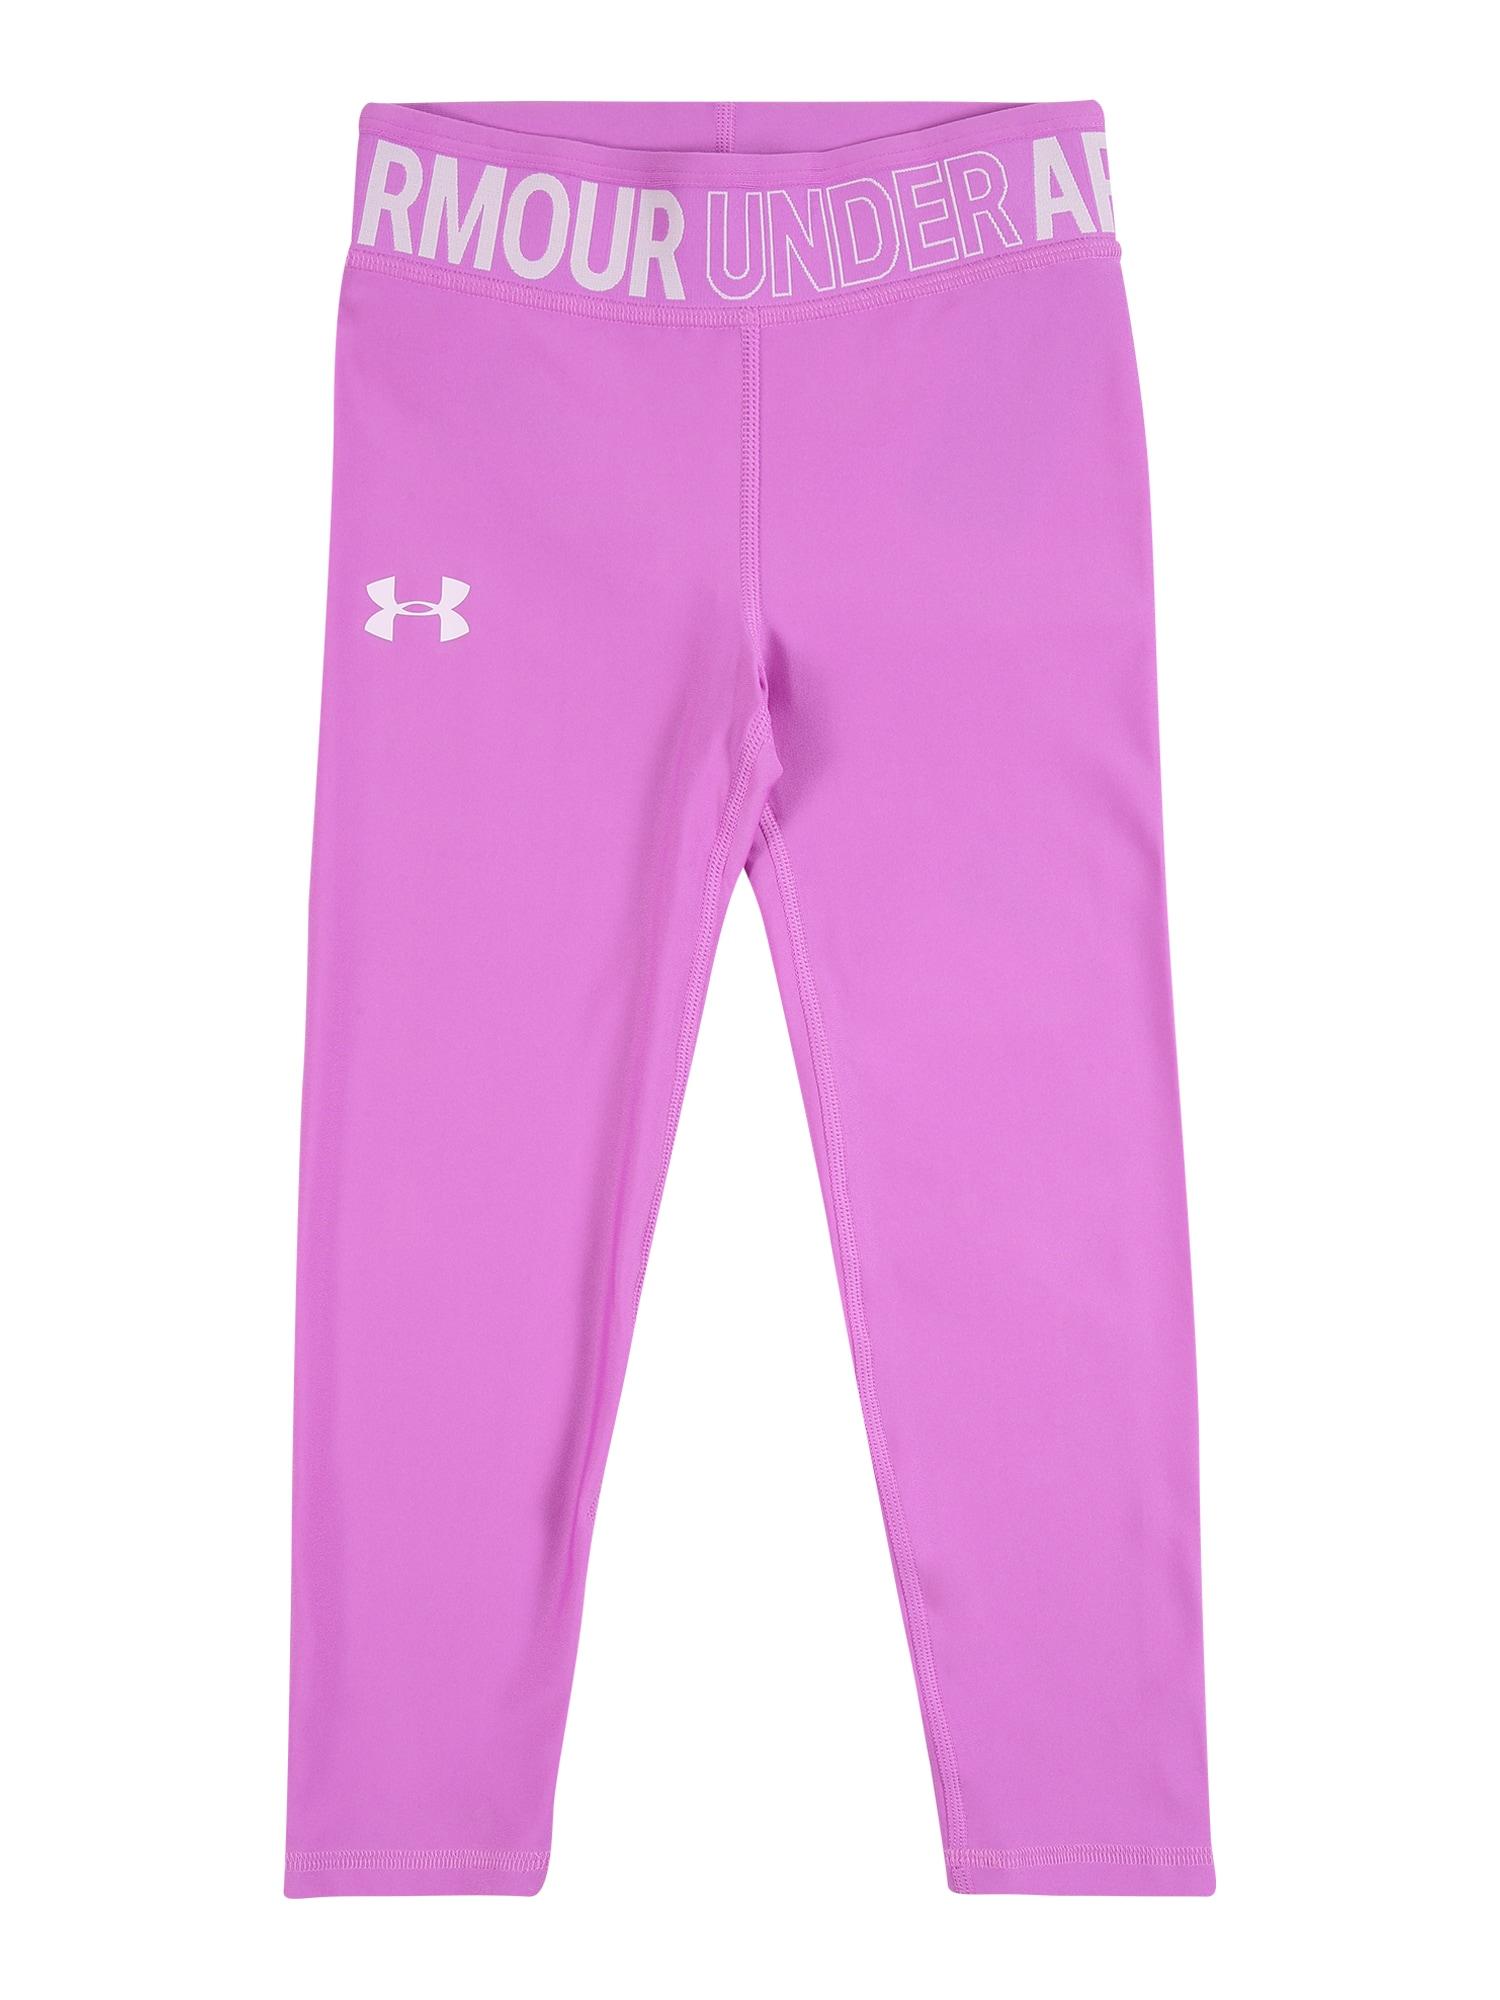 UNDER ARMOUR Sportinės kelnės purpurinė / balta